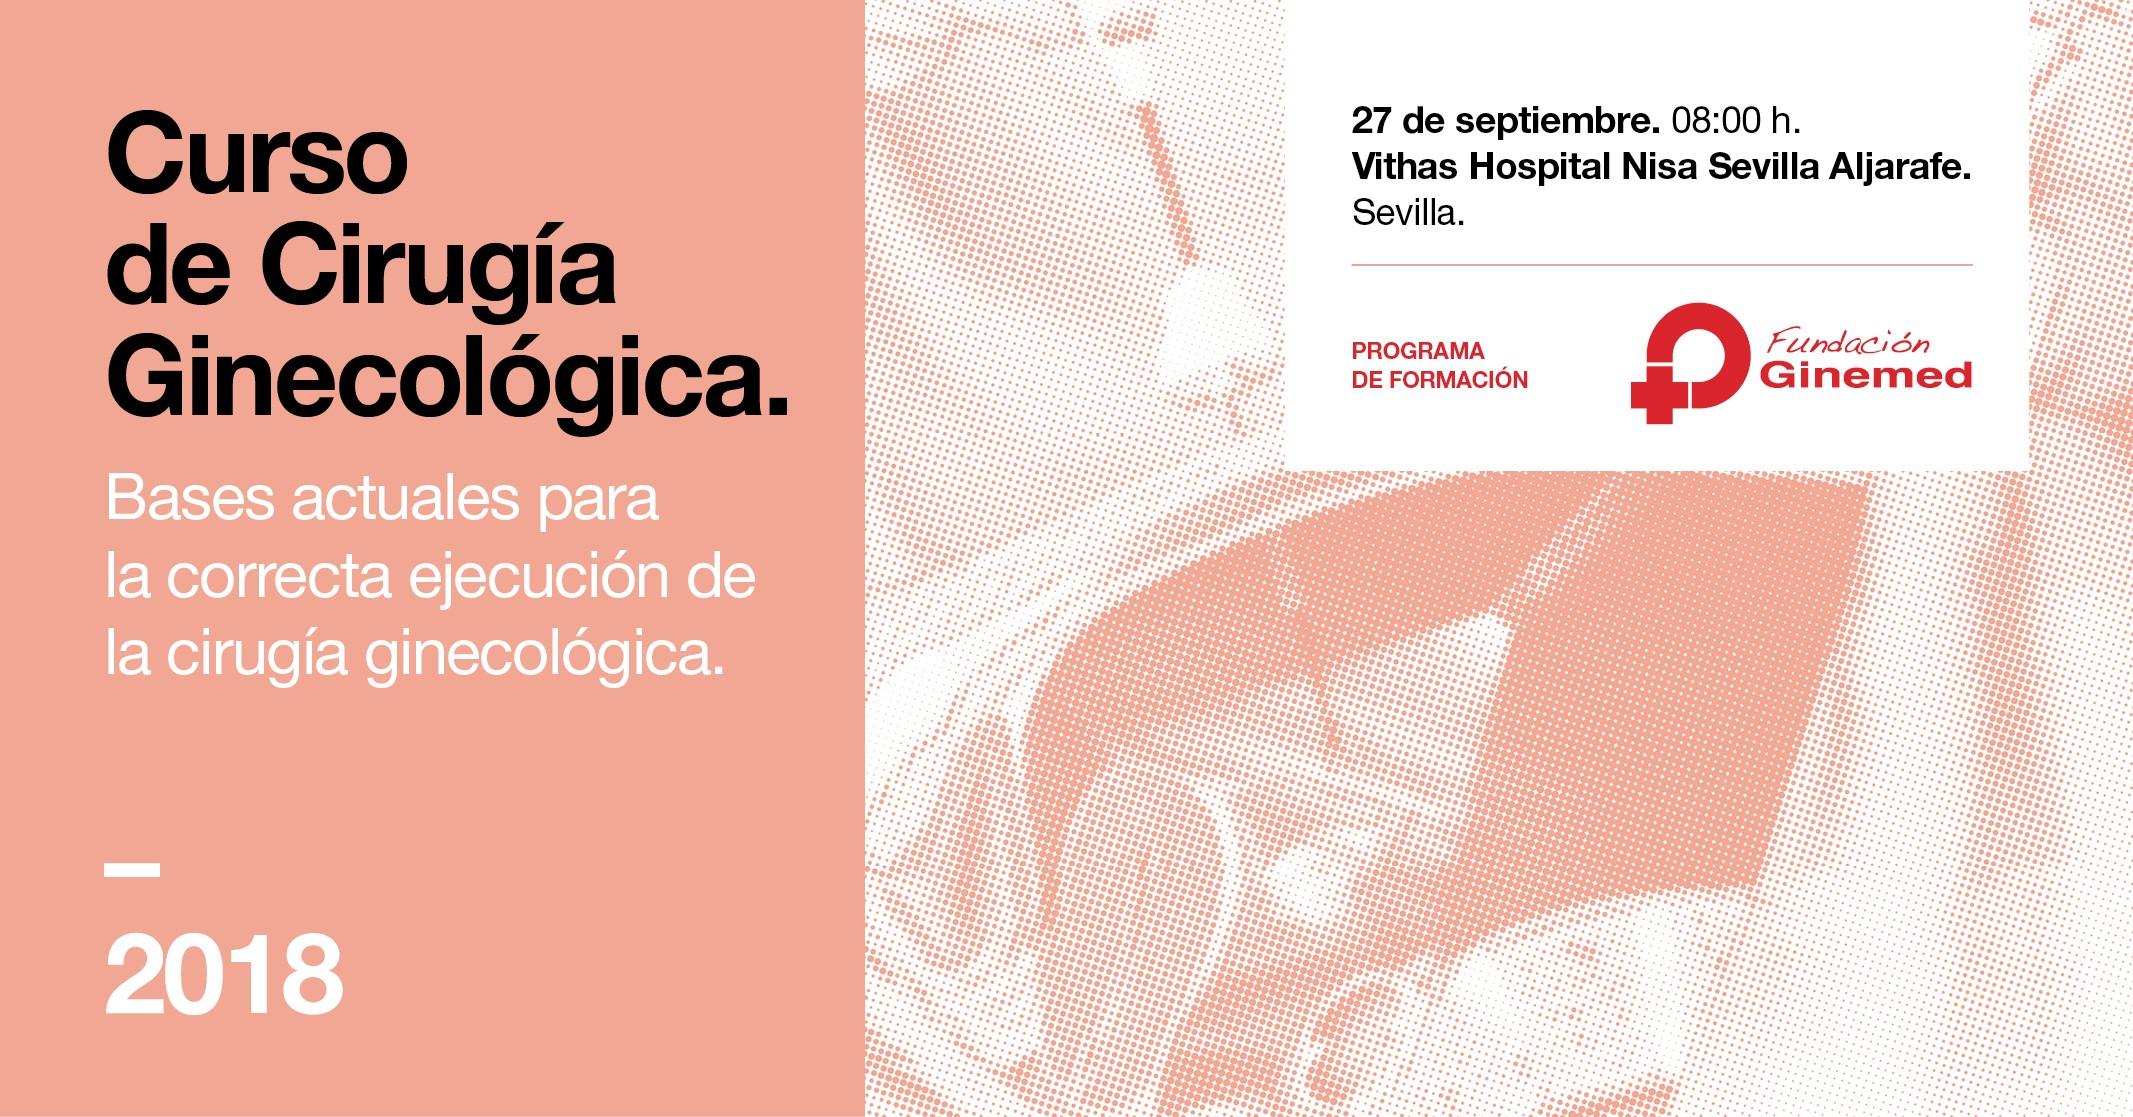 Cartel curso de cirugía ginecológica